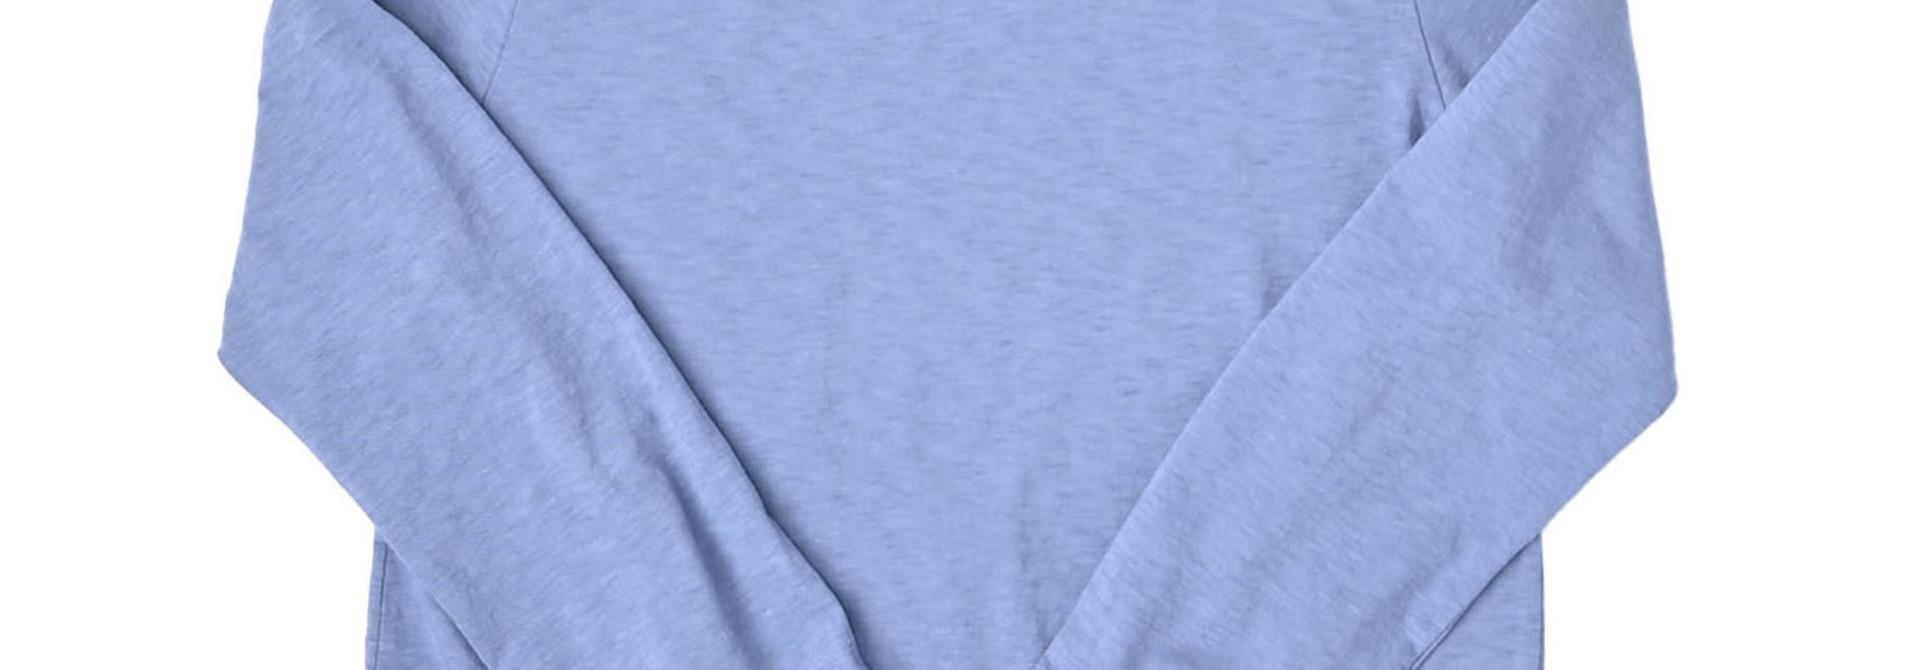 Zimbabwe Cotton Square T-shirt